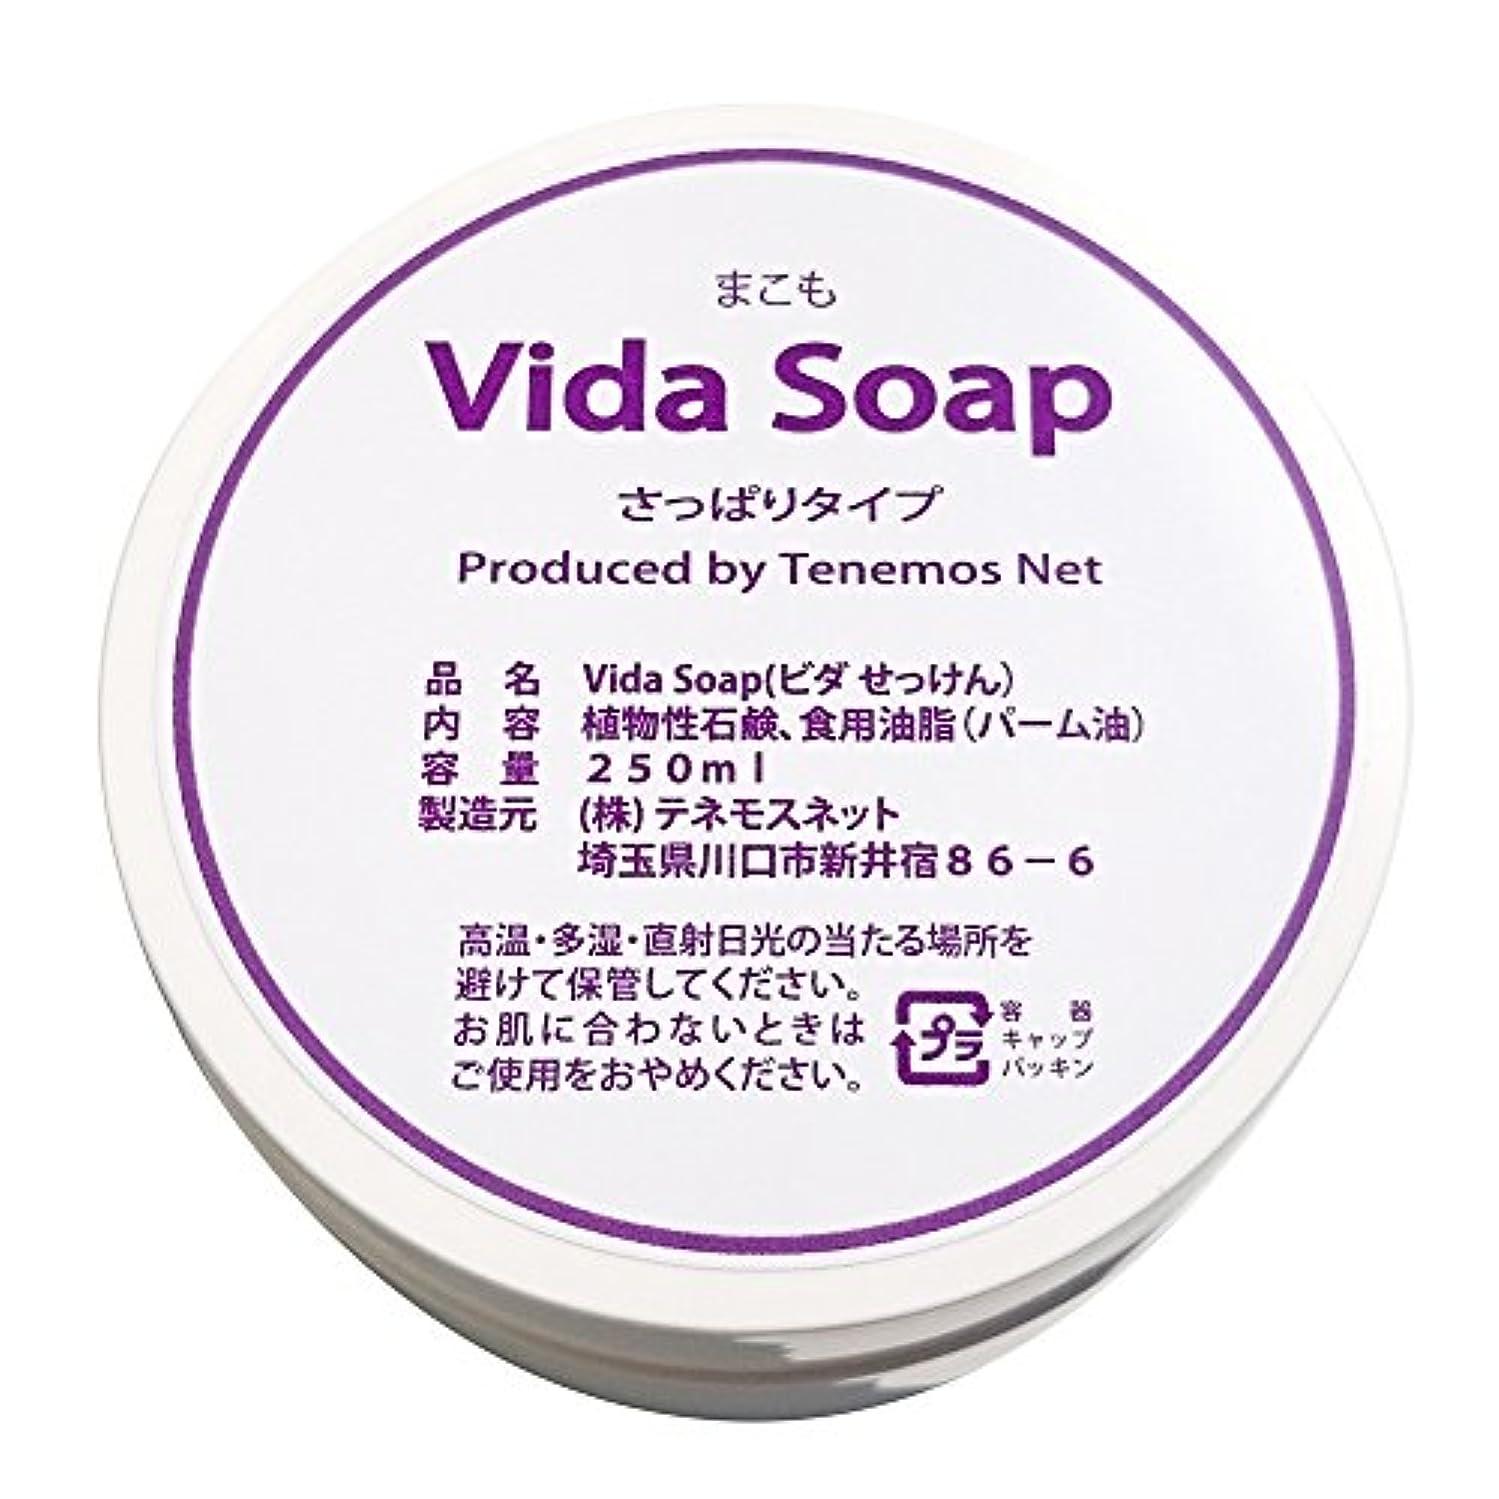 アダルトオプション線テネモス ビダせっけん Vida Soap さっぱりまこも 植物性 250ml